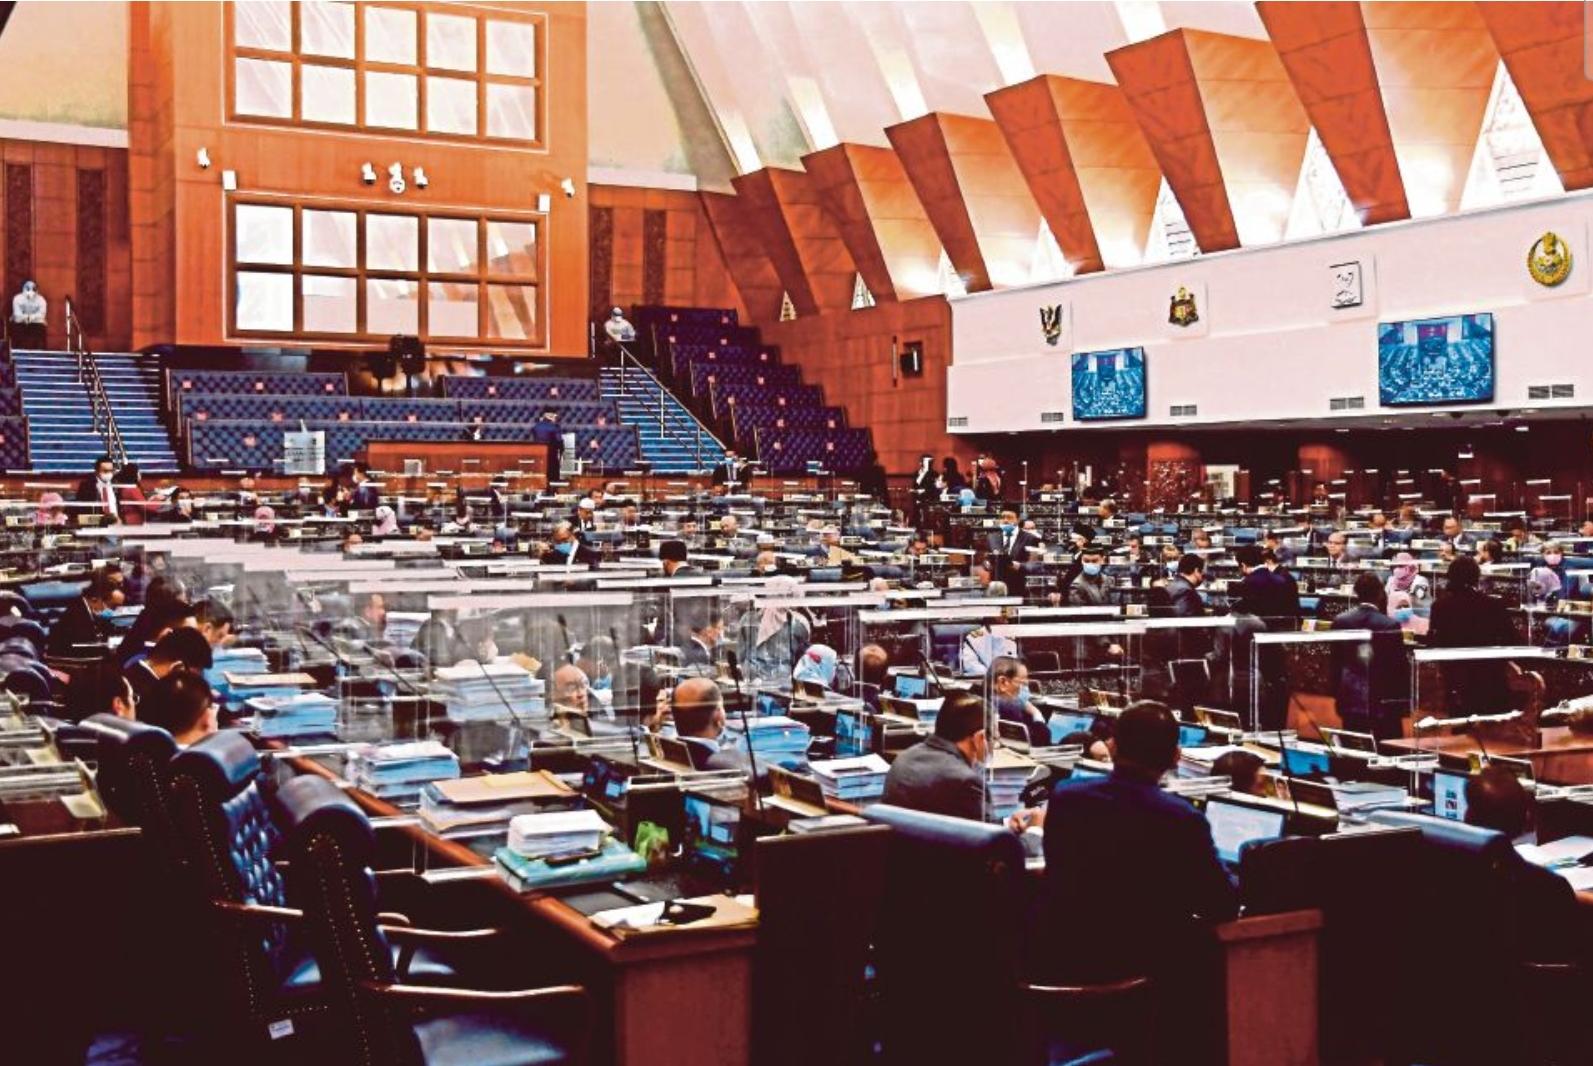 Sidang Parlimen perlu diadakan sebelum darurat tamat